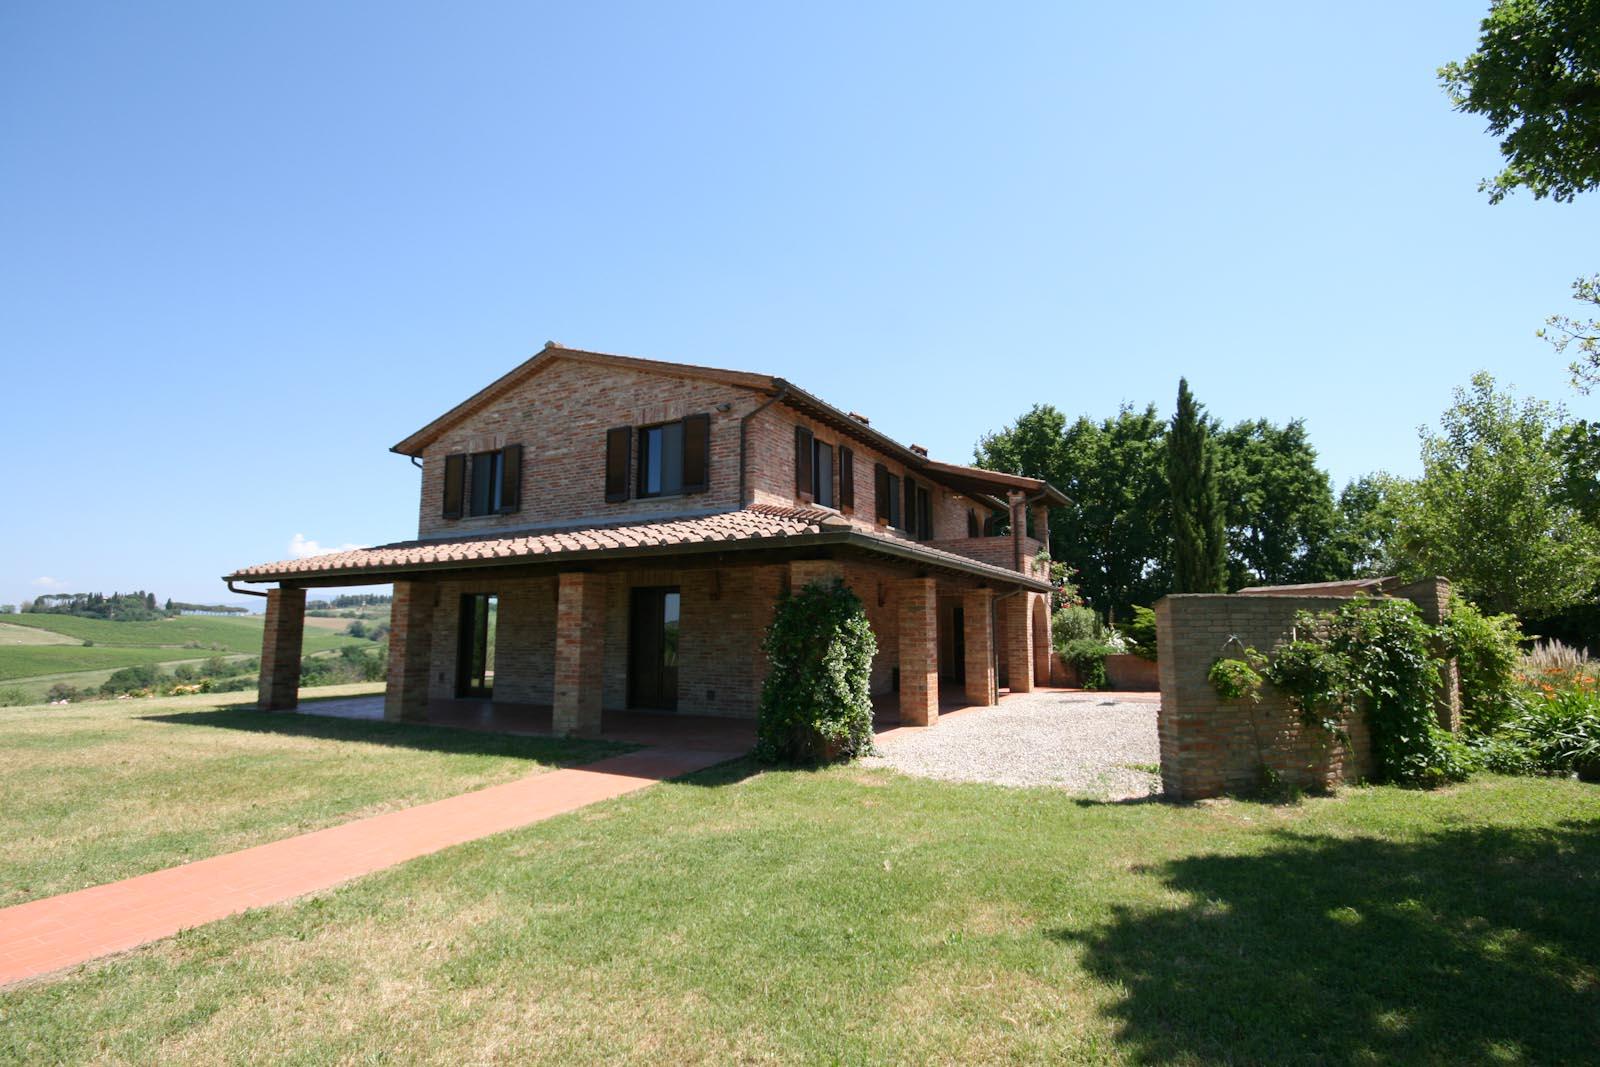 Residenza di campagna in vendita in italia umbria for Piani casa di campagna con avvolgente portico